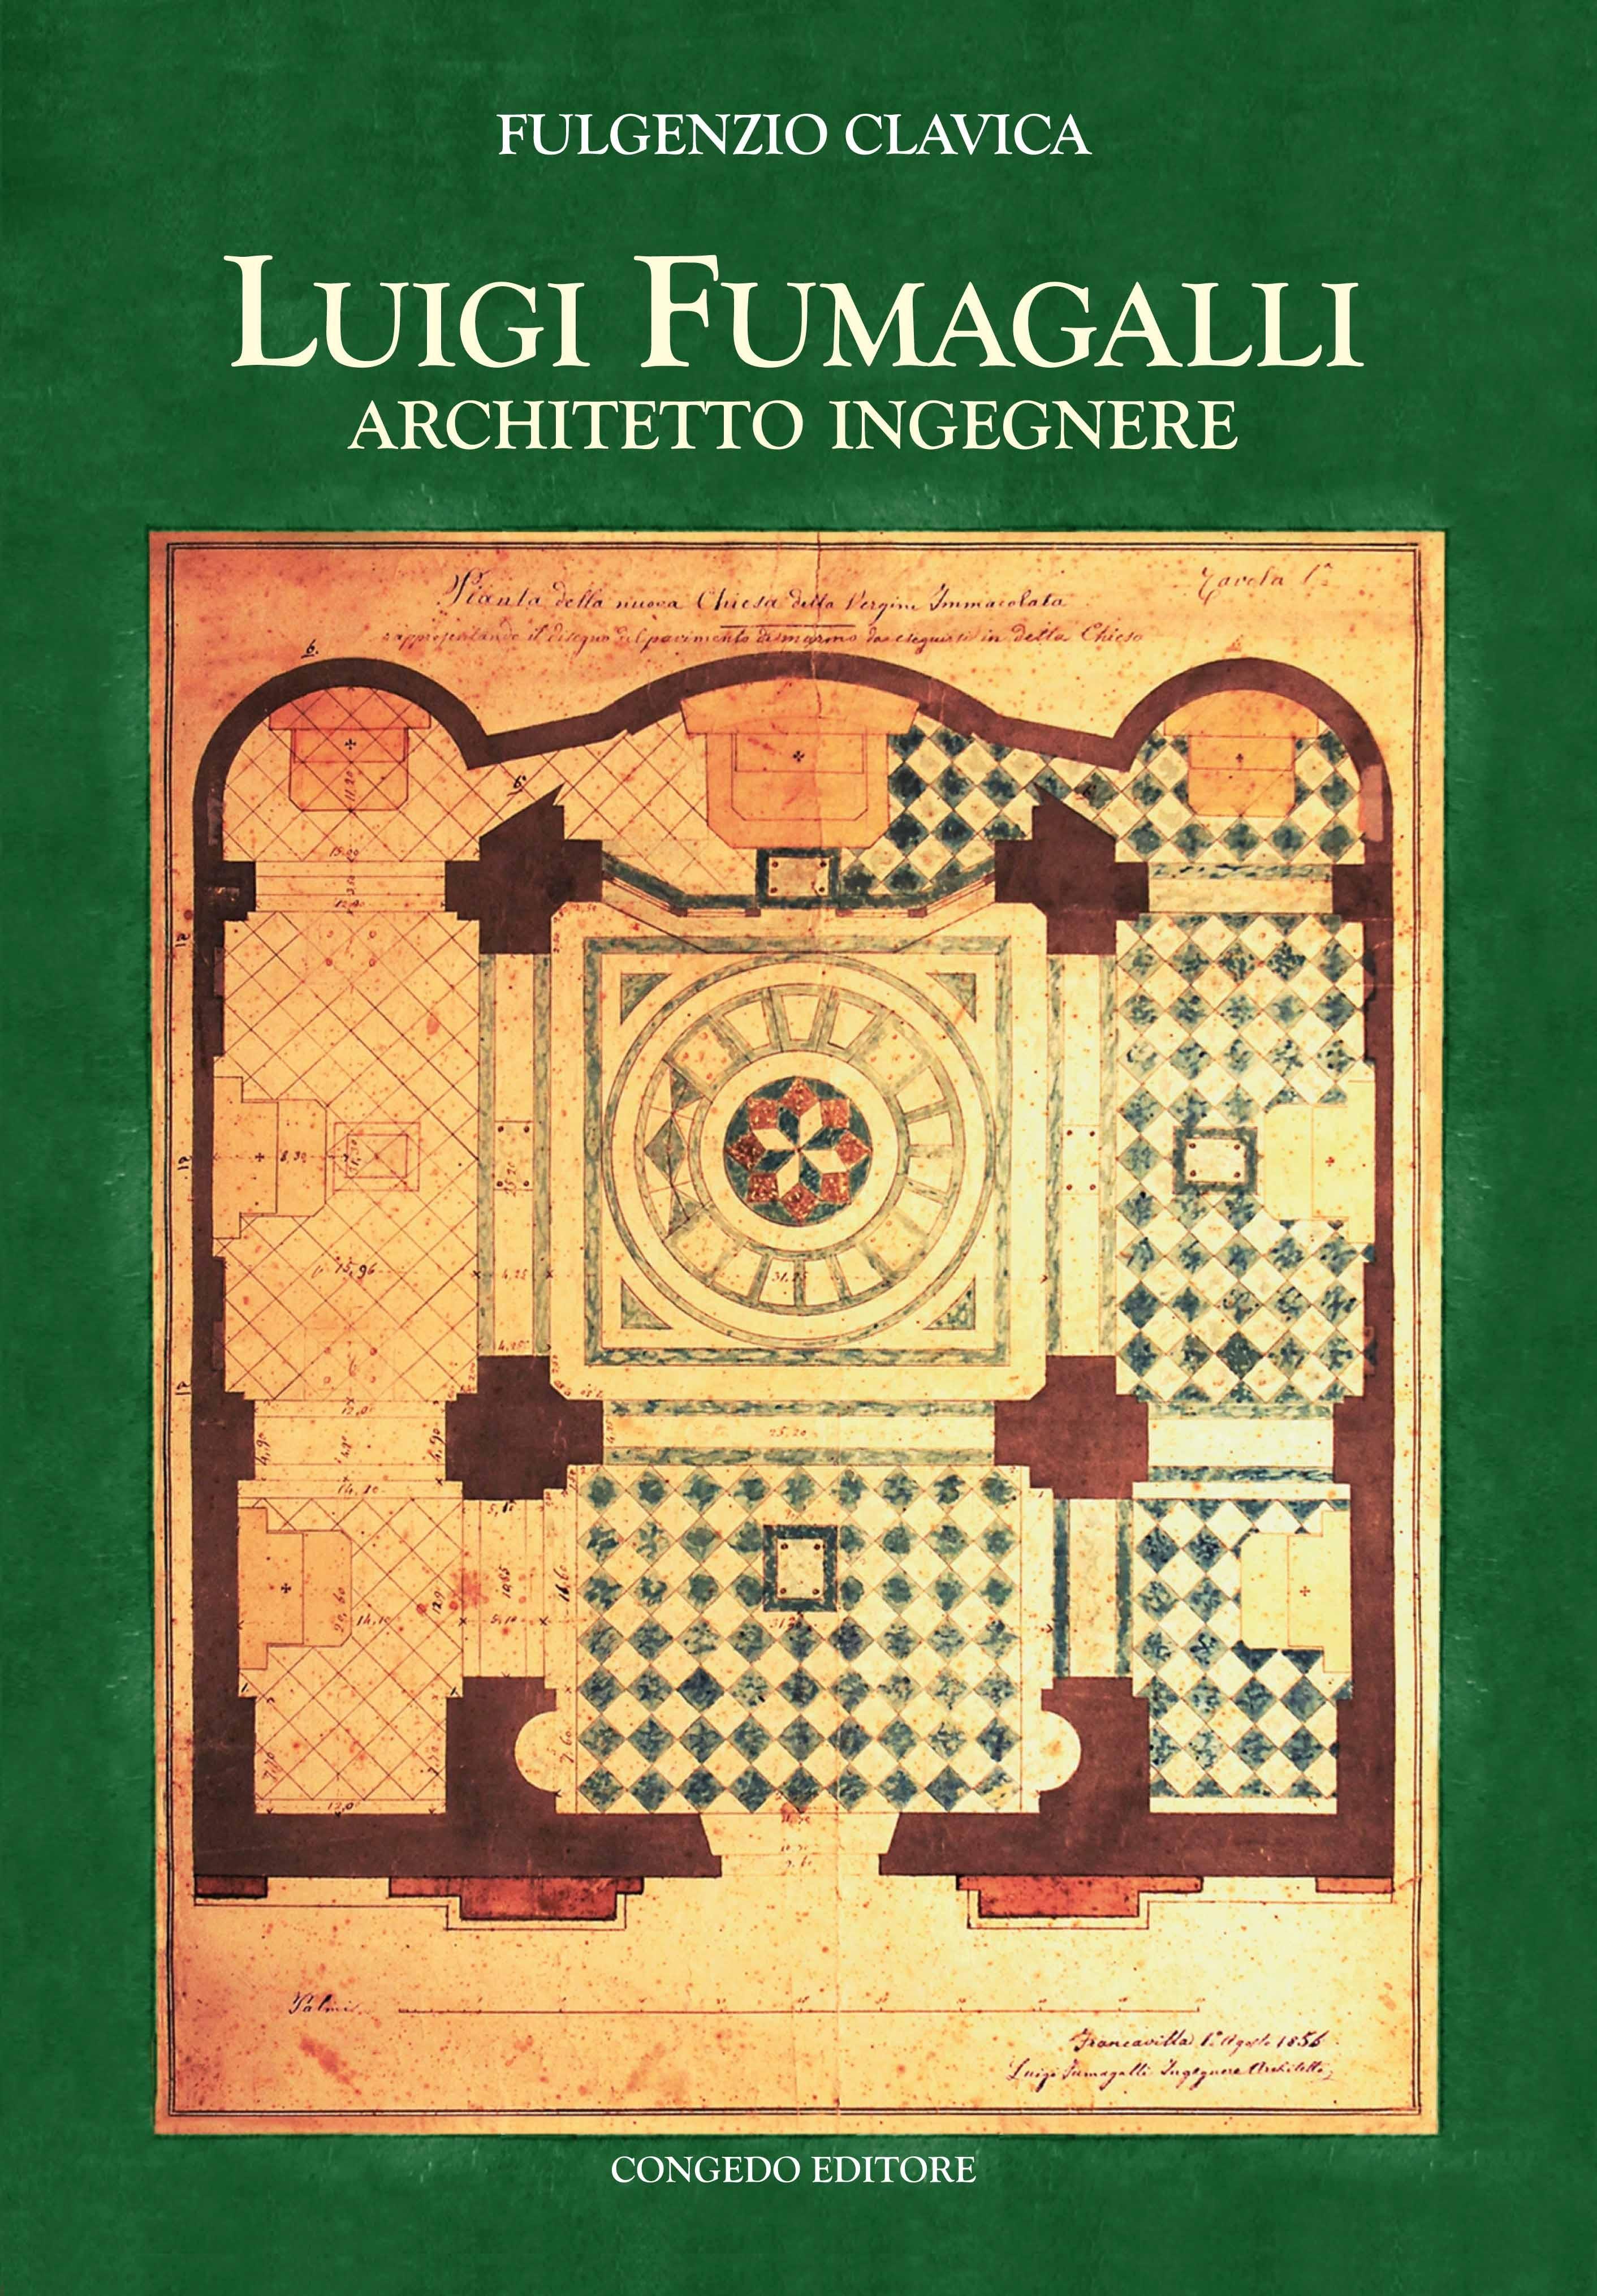 Luigi Fumagalli architetto ingegnere. Protagonista delle trasformazioni urbane del secondo Ottocento a Francavilla Fontana e dintorni